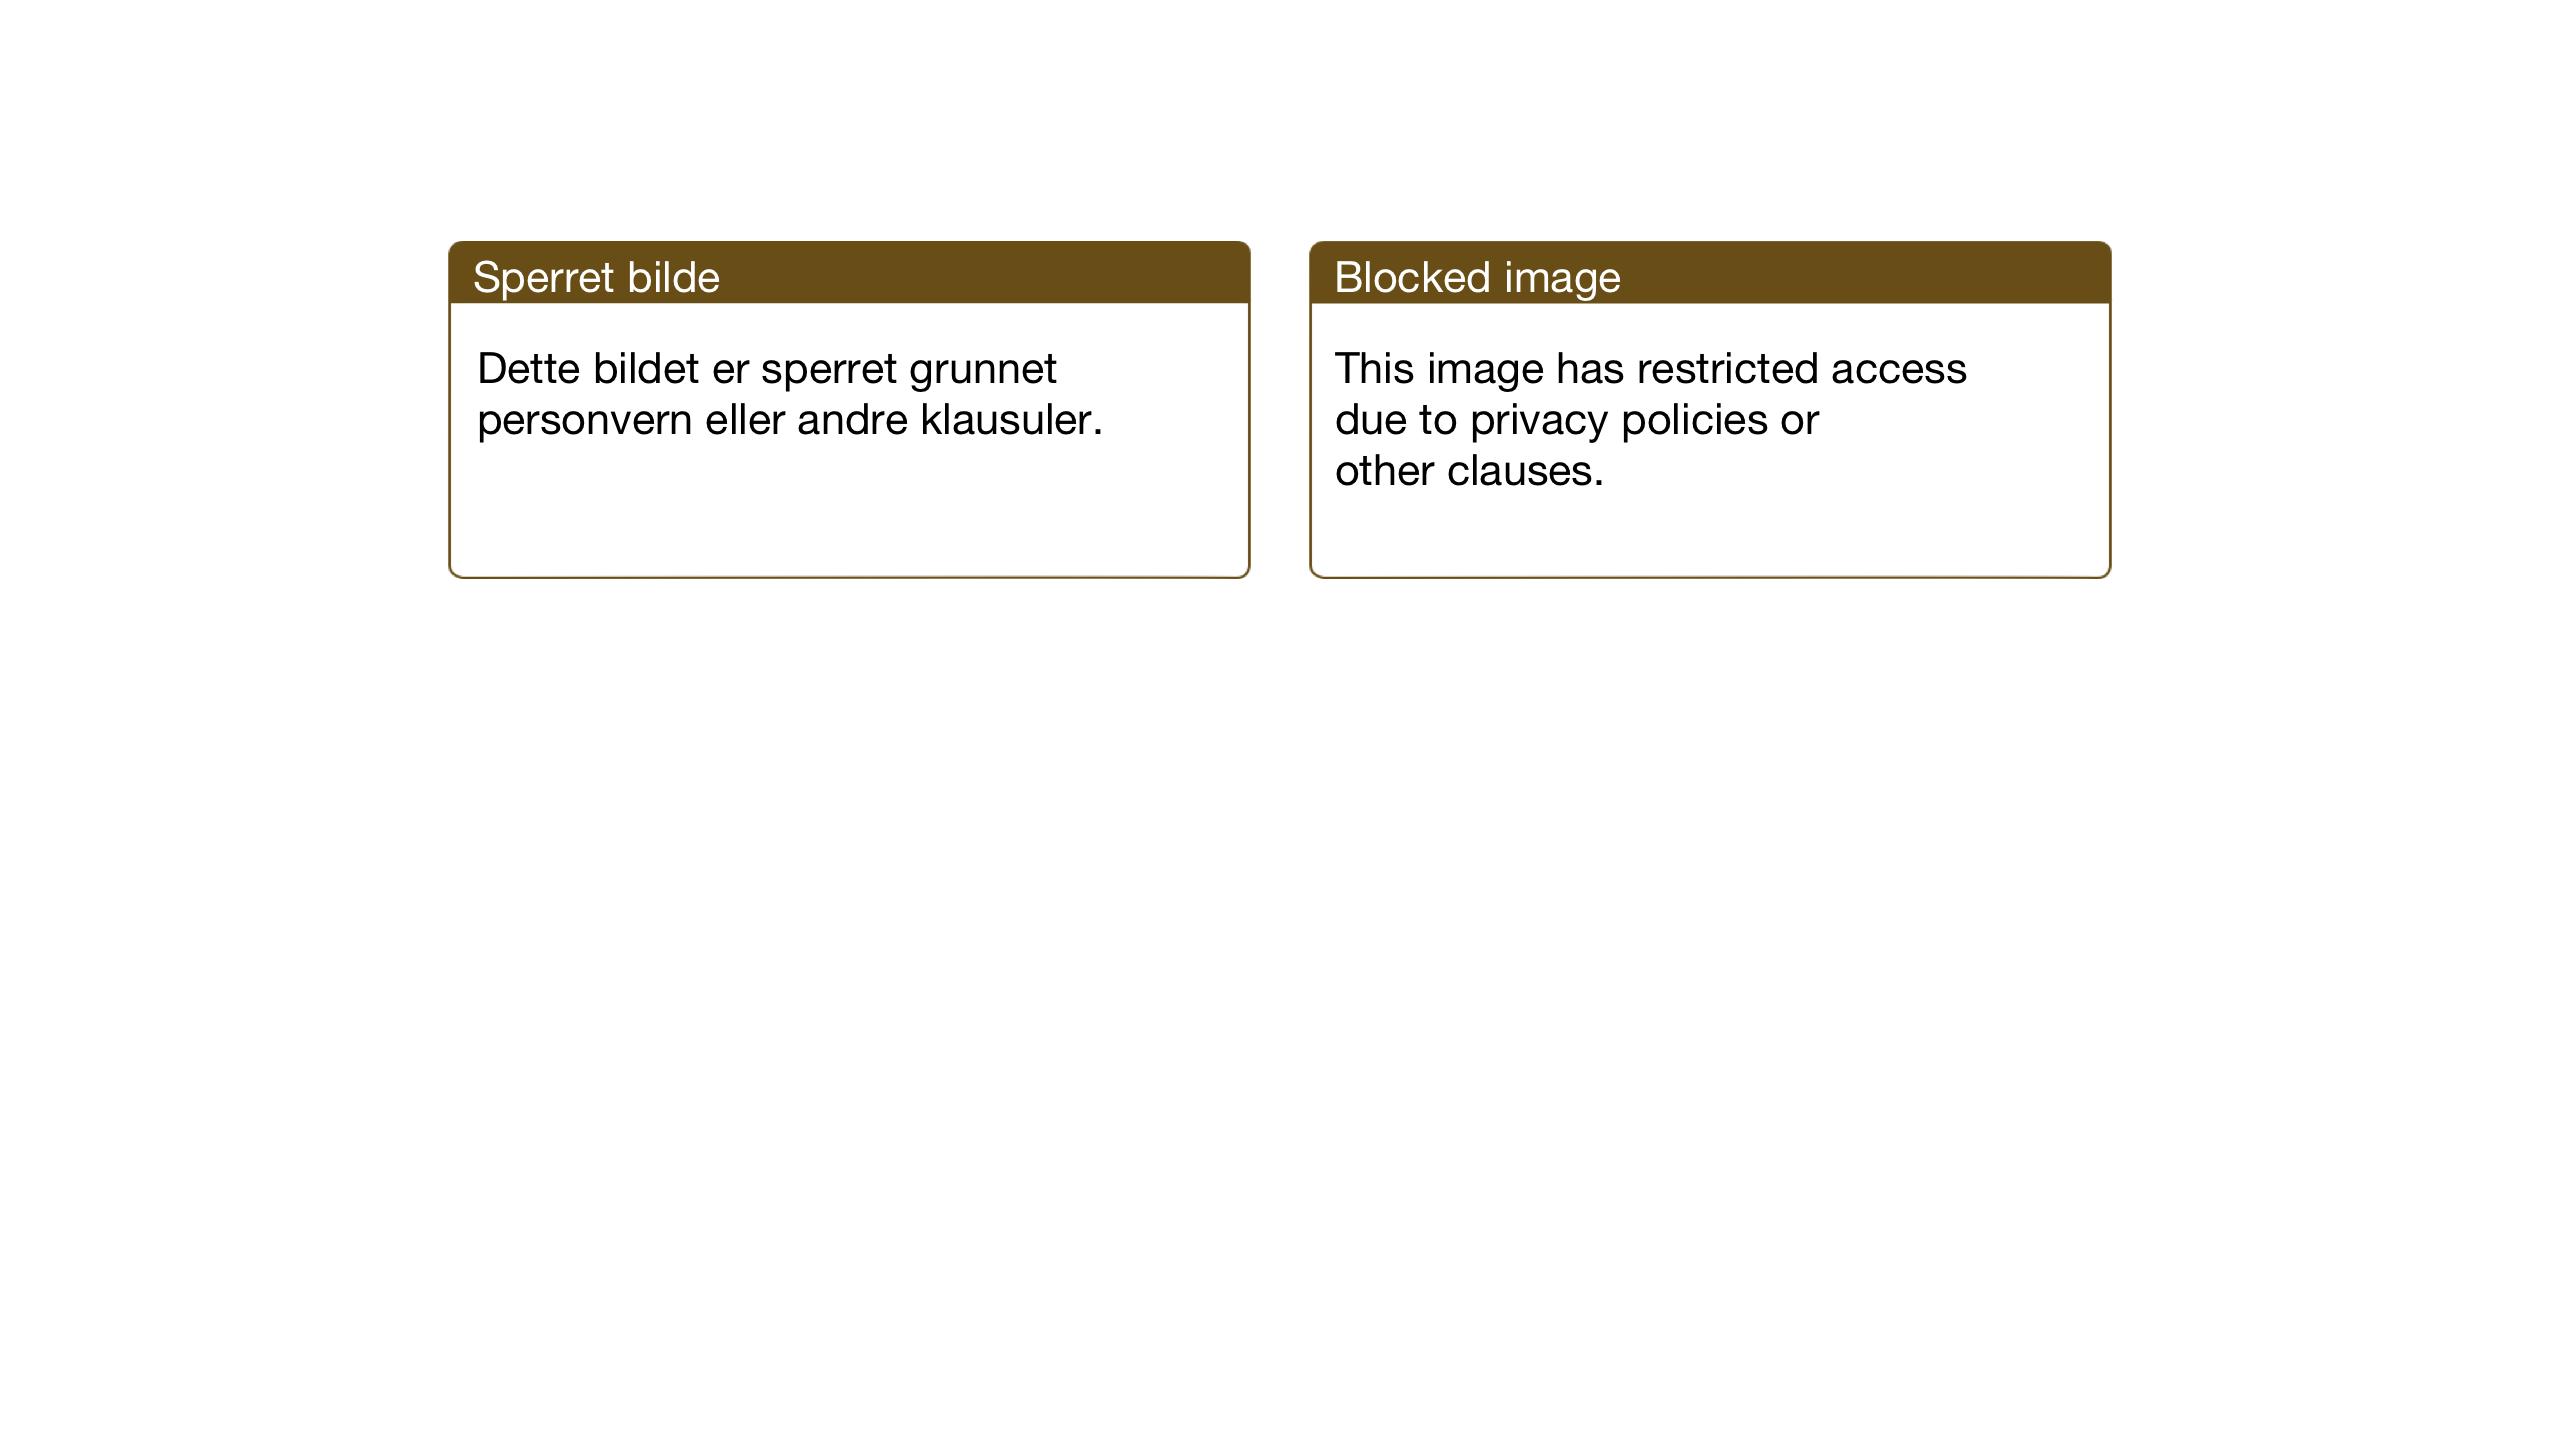 SAT, Ministerialprotokoller, klokkerbøker og fødselsregistre - Nord-Trøndelag, 745/L0434: Klokkerbok nr. 745C03, 1914-1937, s. 54